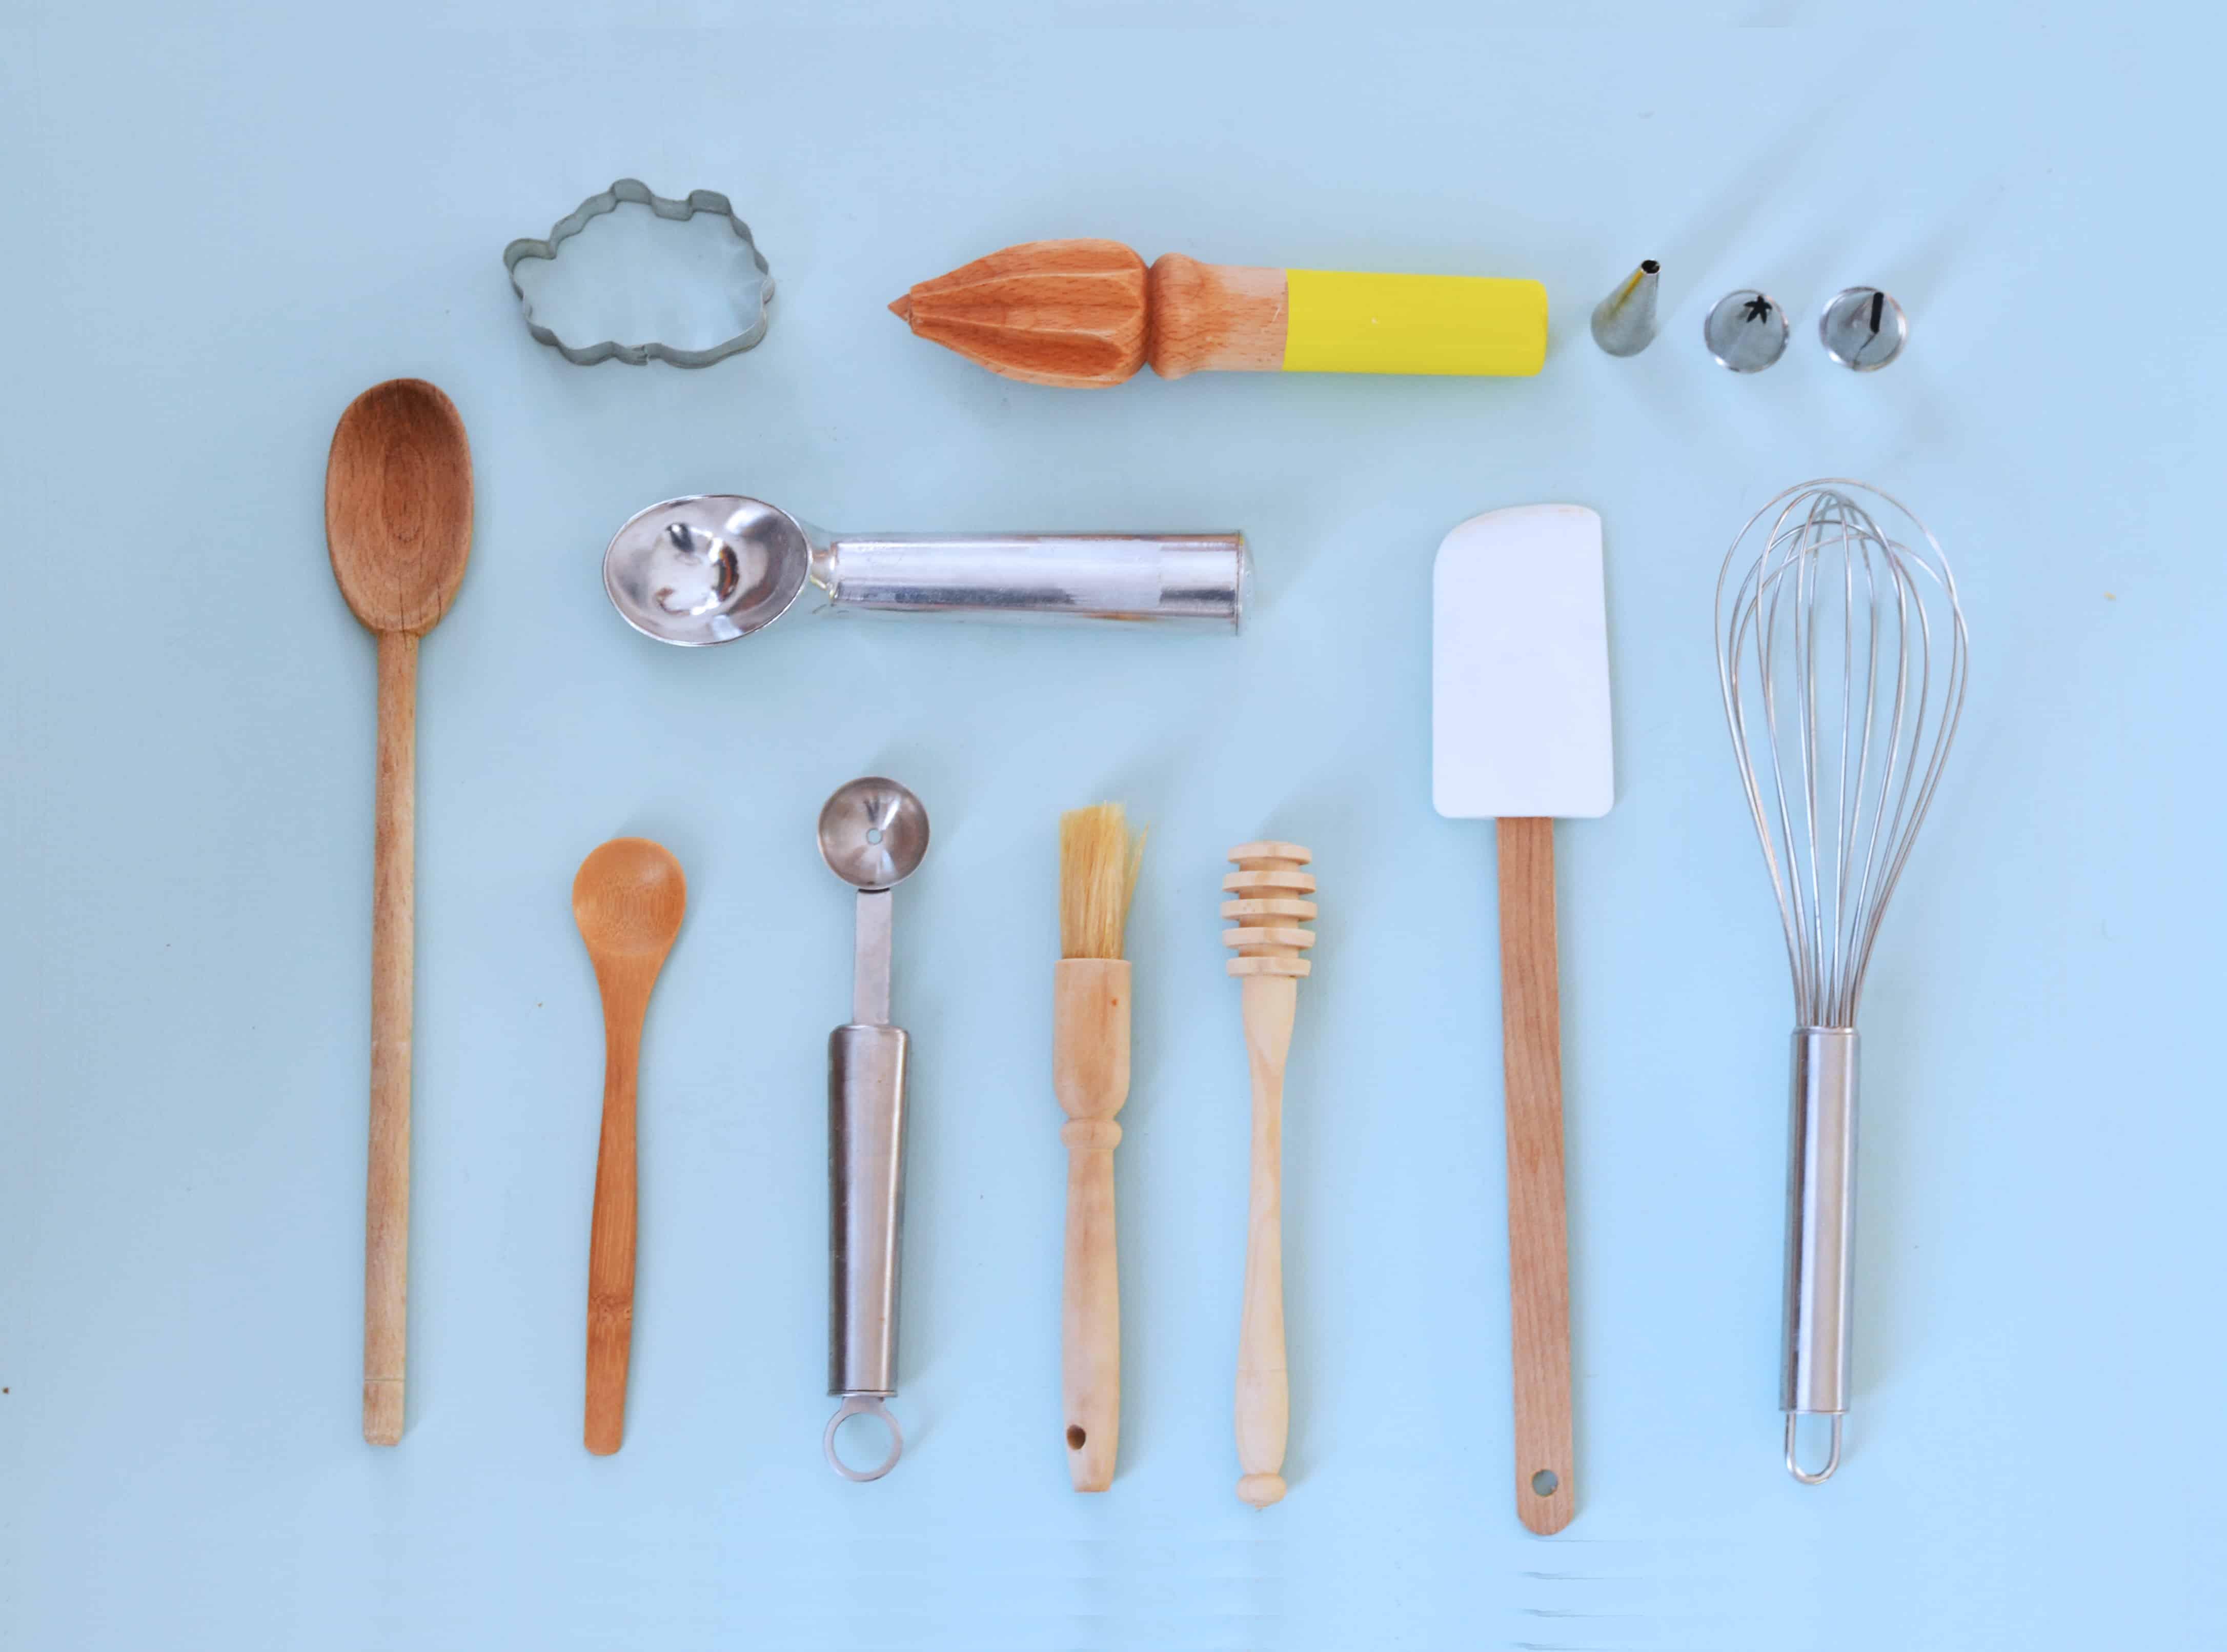 Quels sont les ustensiles indispensables pour faire de la p tisserie r v lations gourmandes - Liste ustensile de cuisine ...